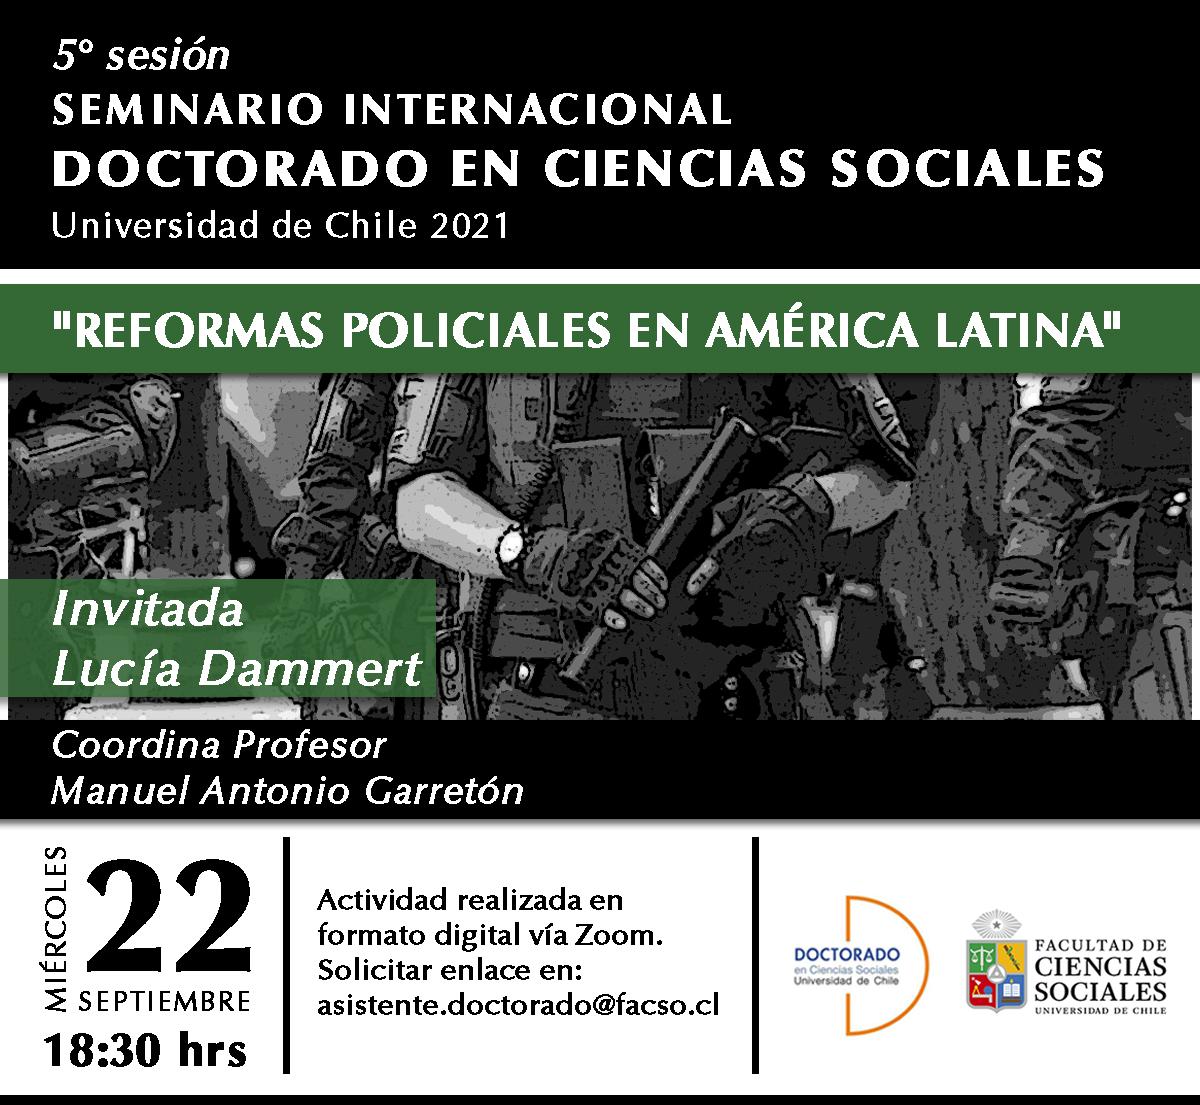 Quinta sesión del seminario Internacional del Doctorado en Ciencias Sociales 2021